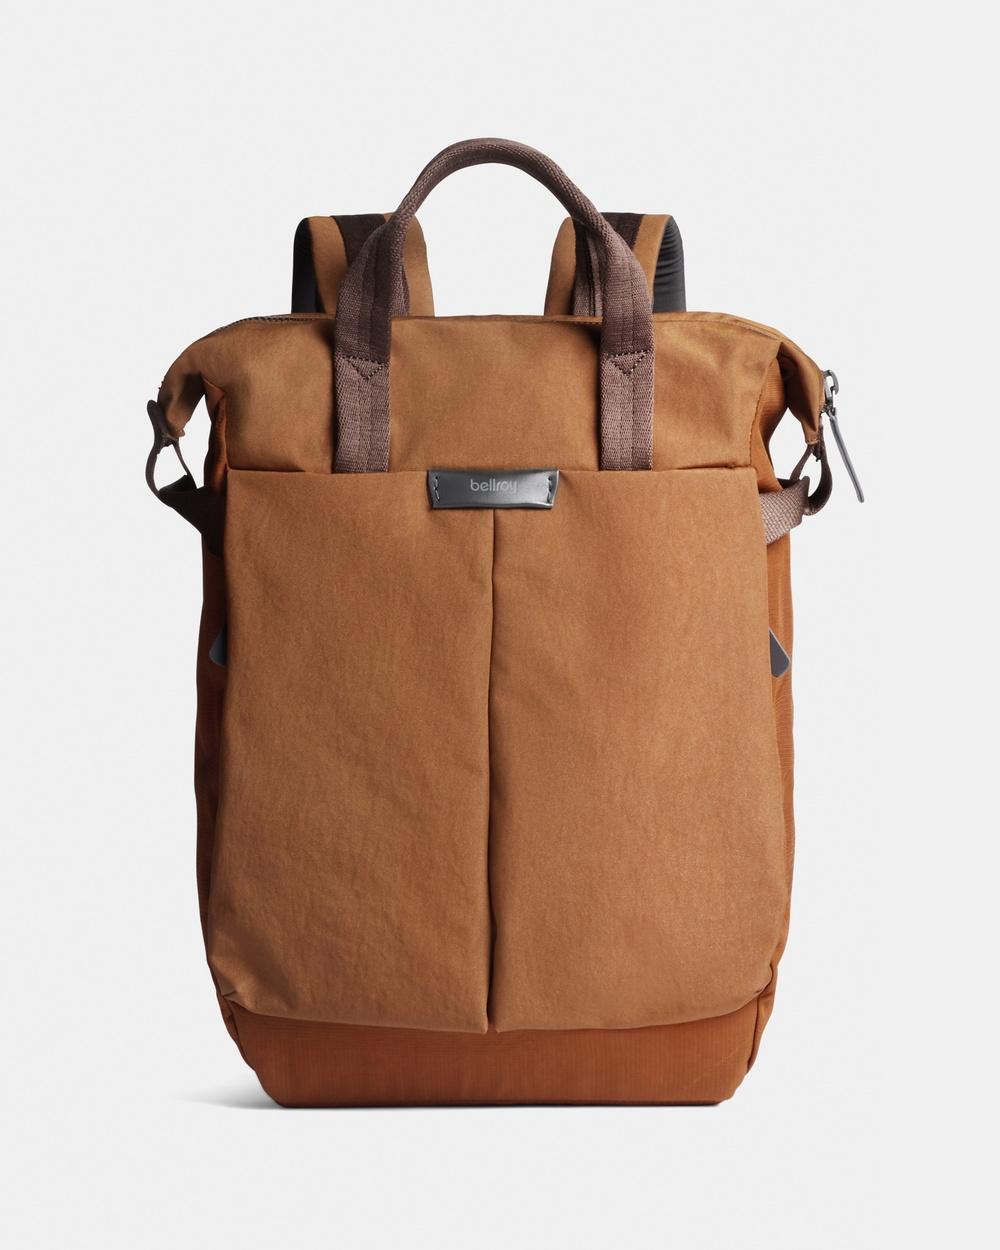 Bellroy Tokyo Totepack Compact Backpacks Orange